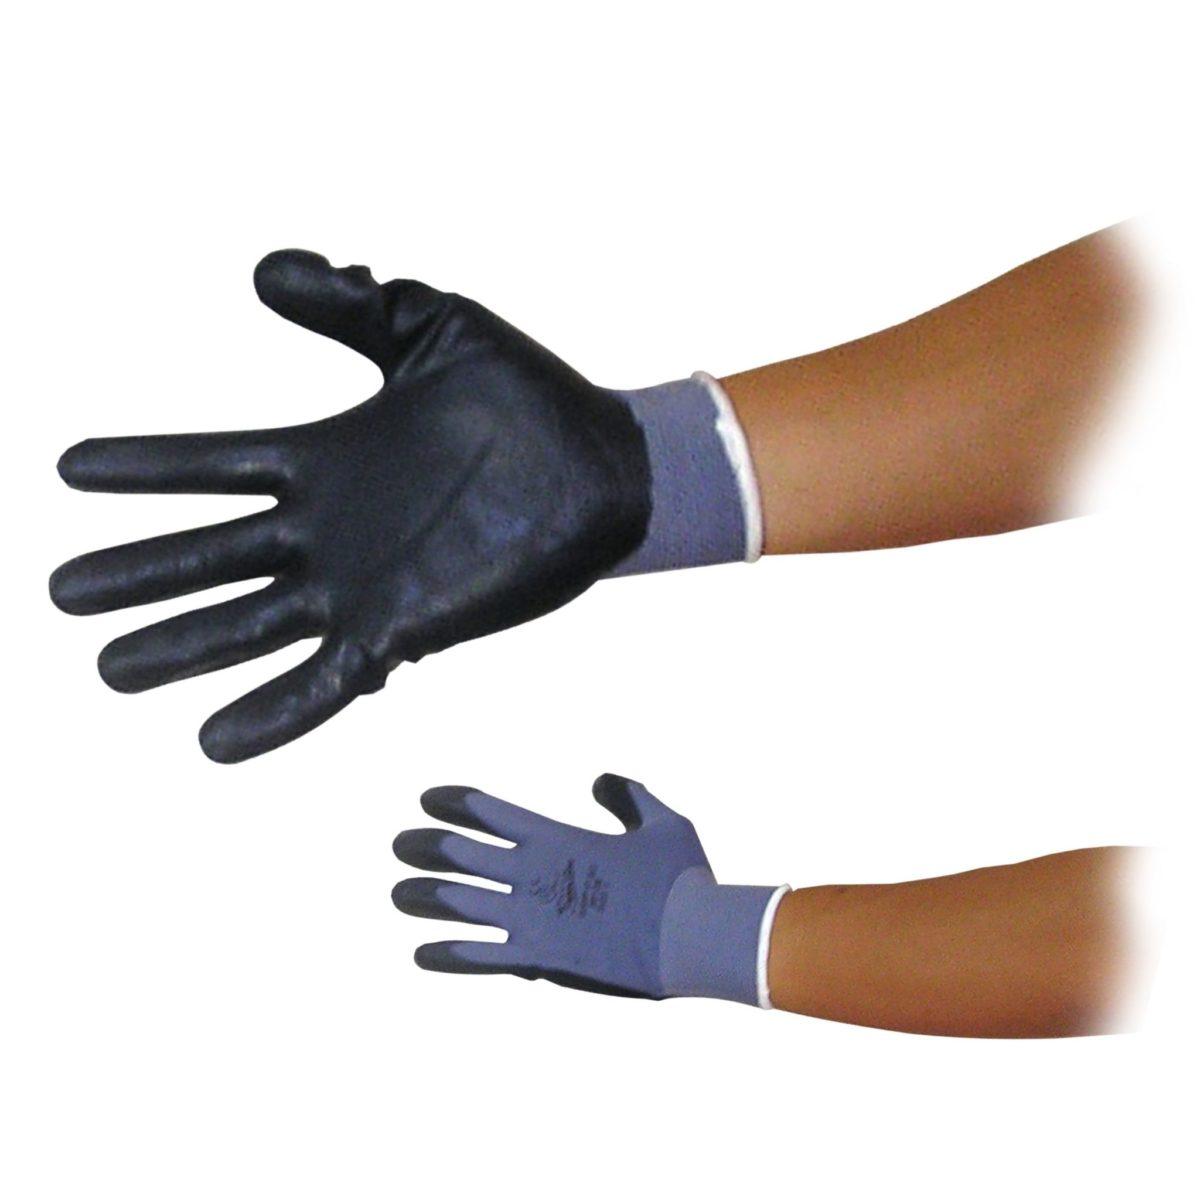 Guante Protección Mod. Grip It